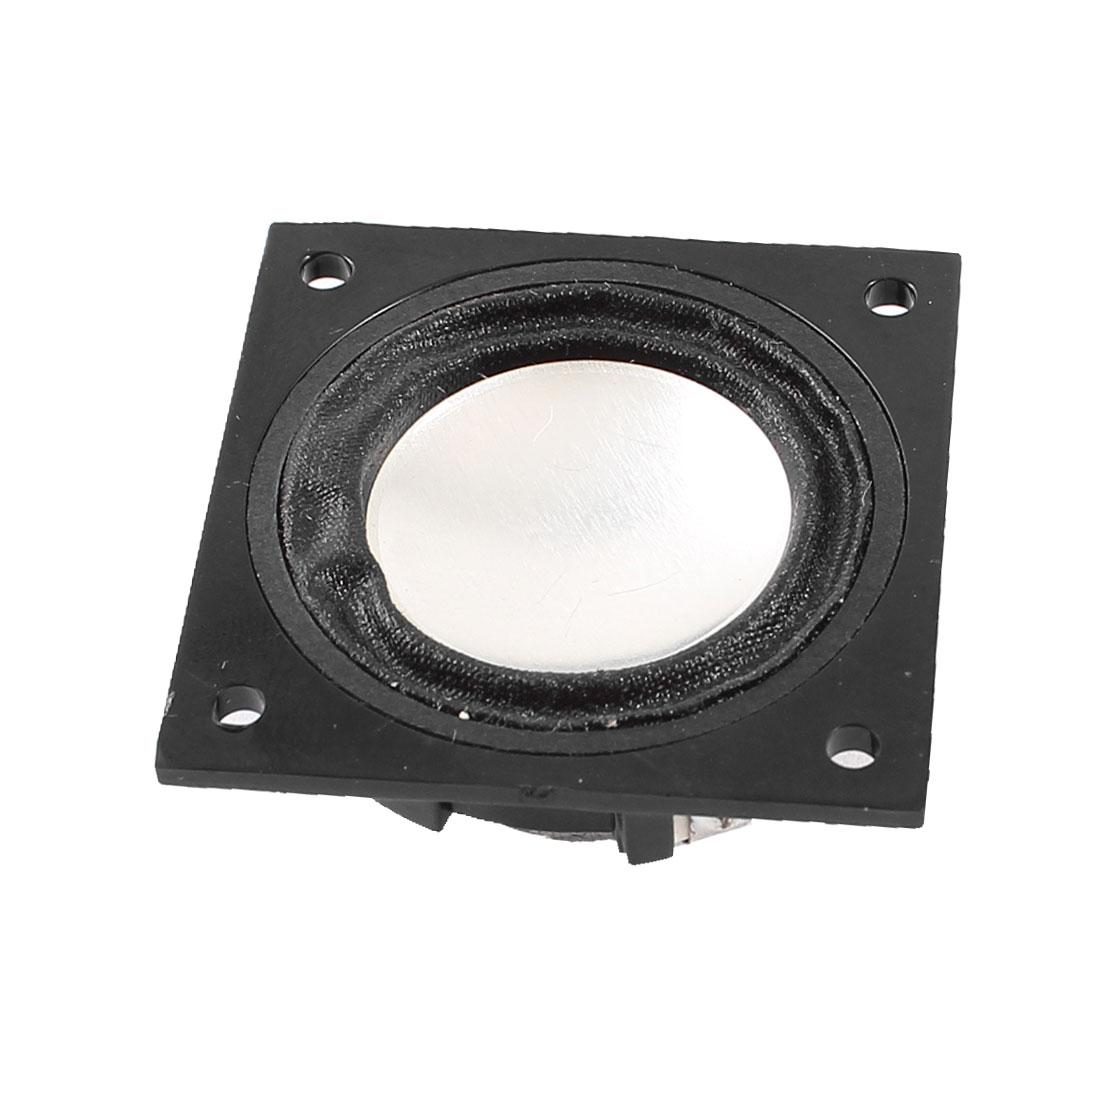 2W 8 Ohm 3.5cmx3.5cm Plastic Housing Round External Magnet Speaker Loudspeaker